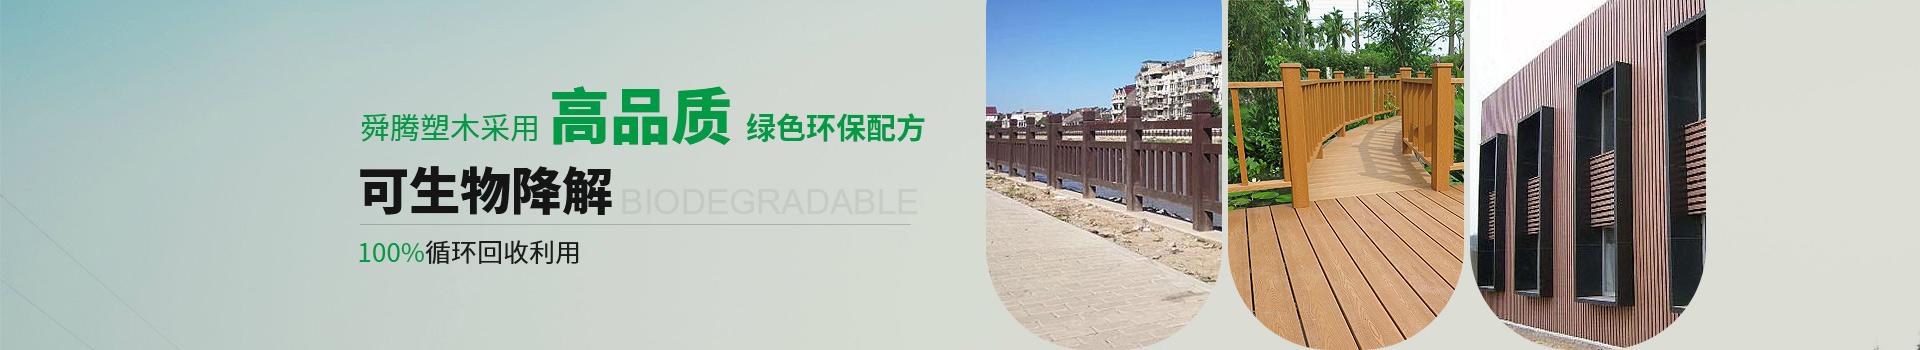 舜腾塑木采用高品质绿色环保配方